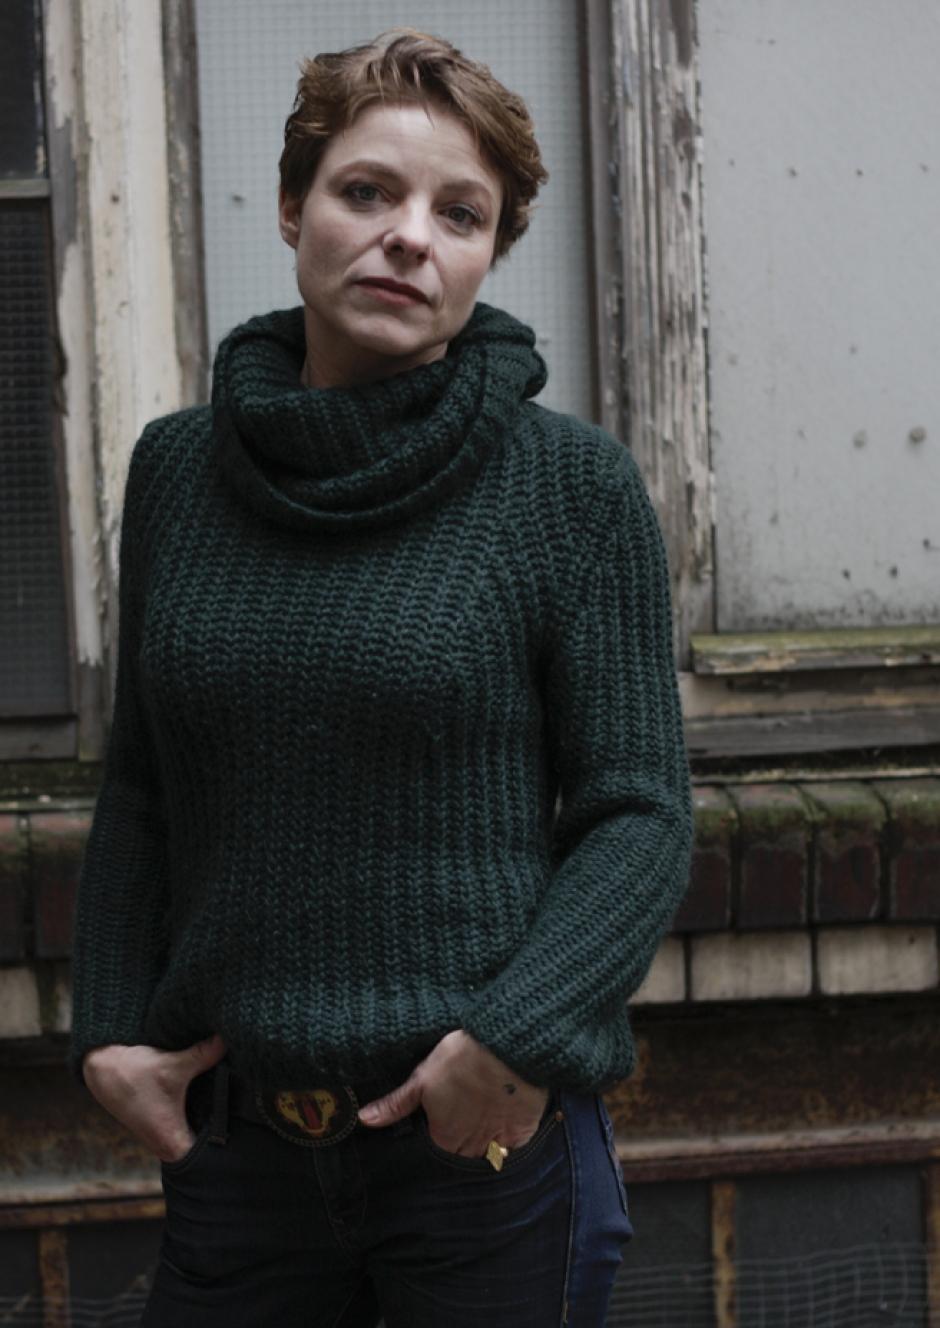 Julia Grimpe | actorsdemo.de